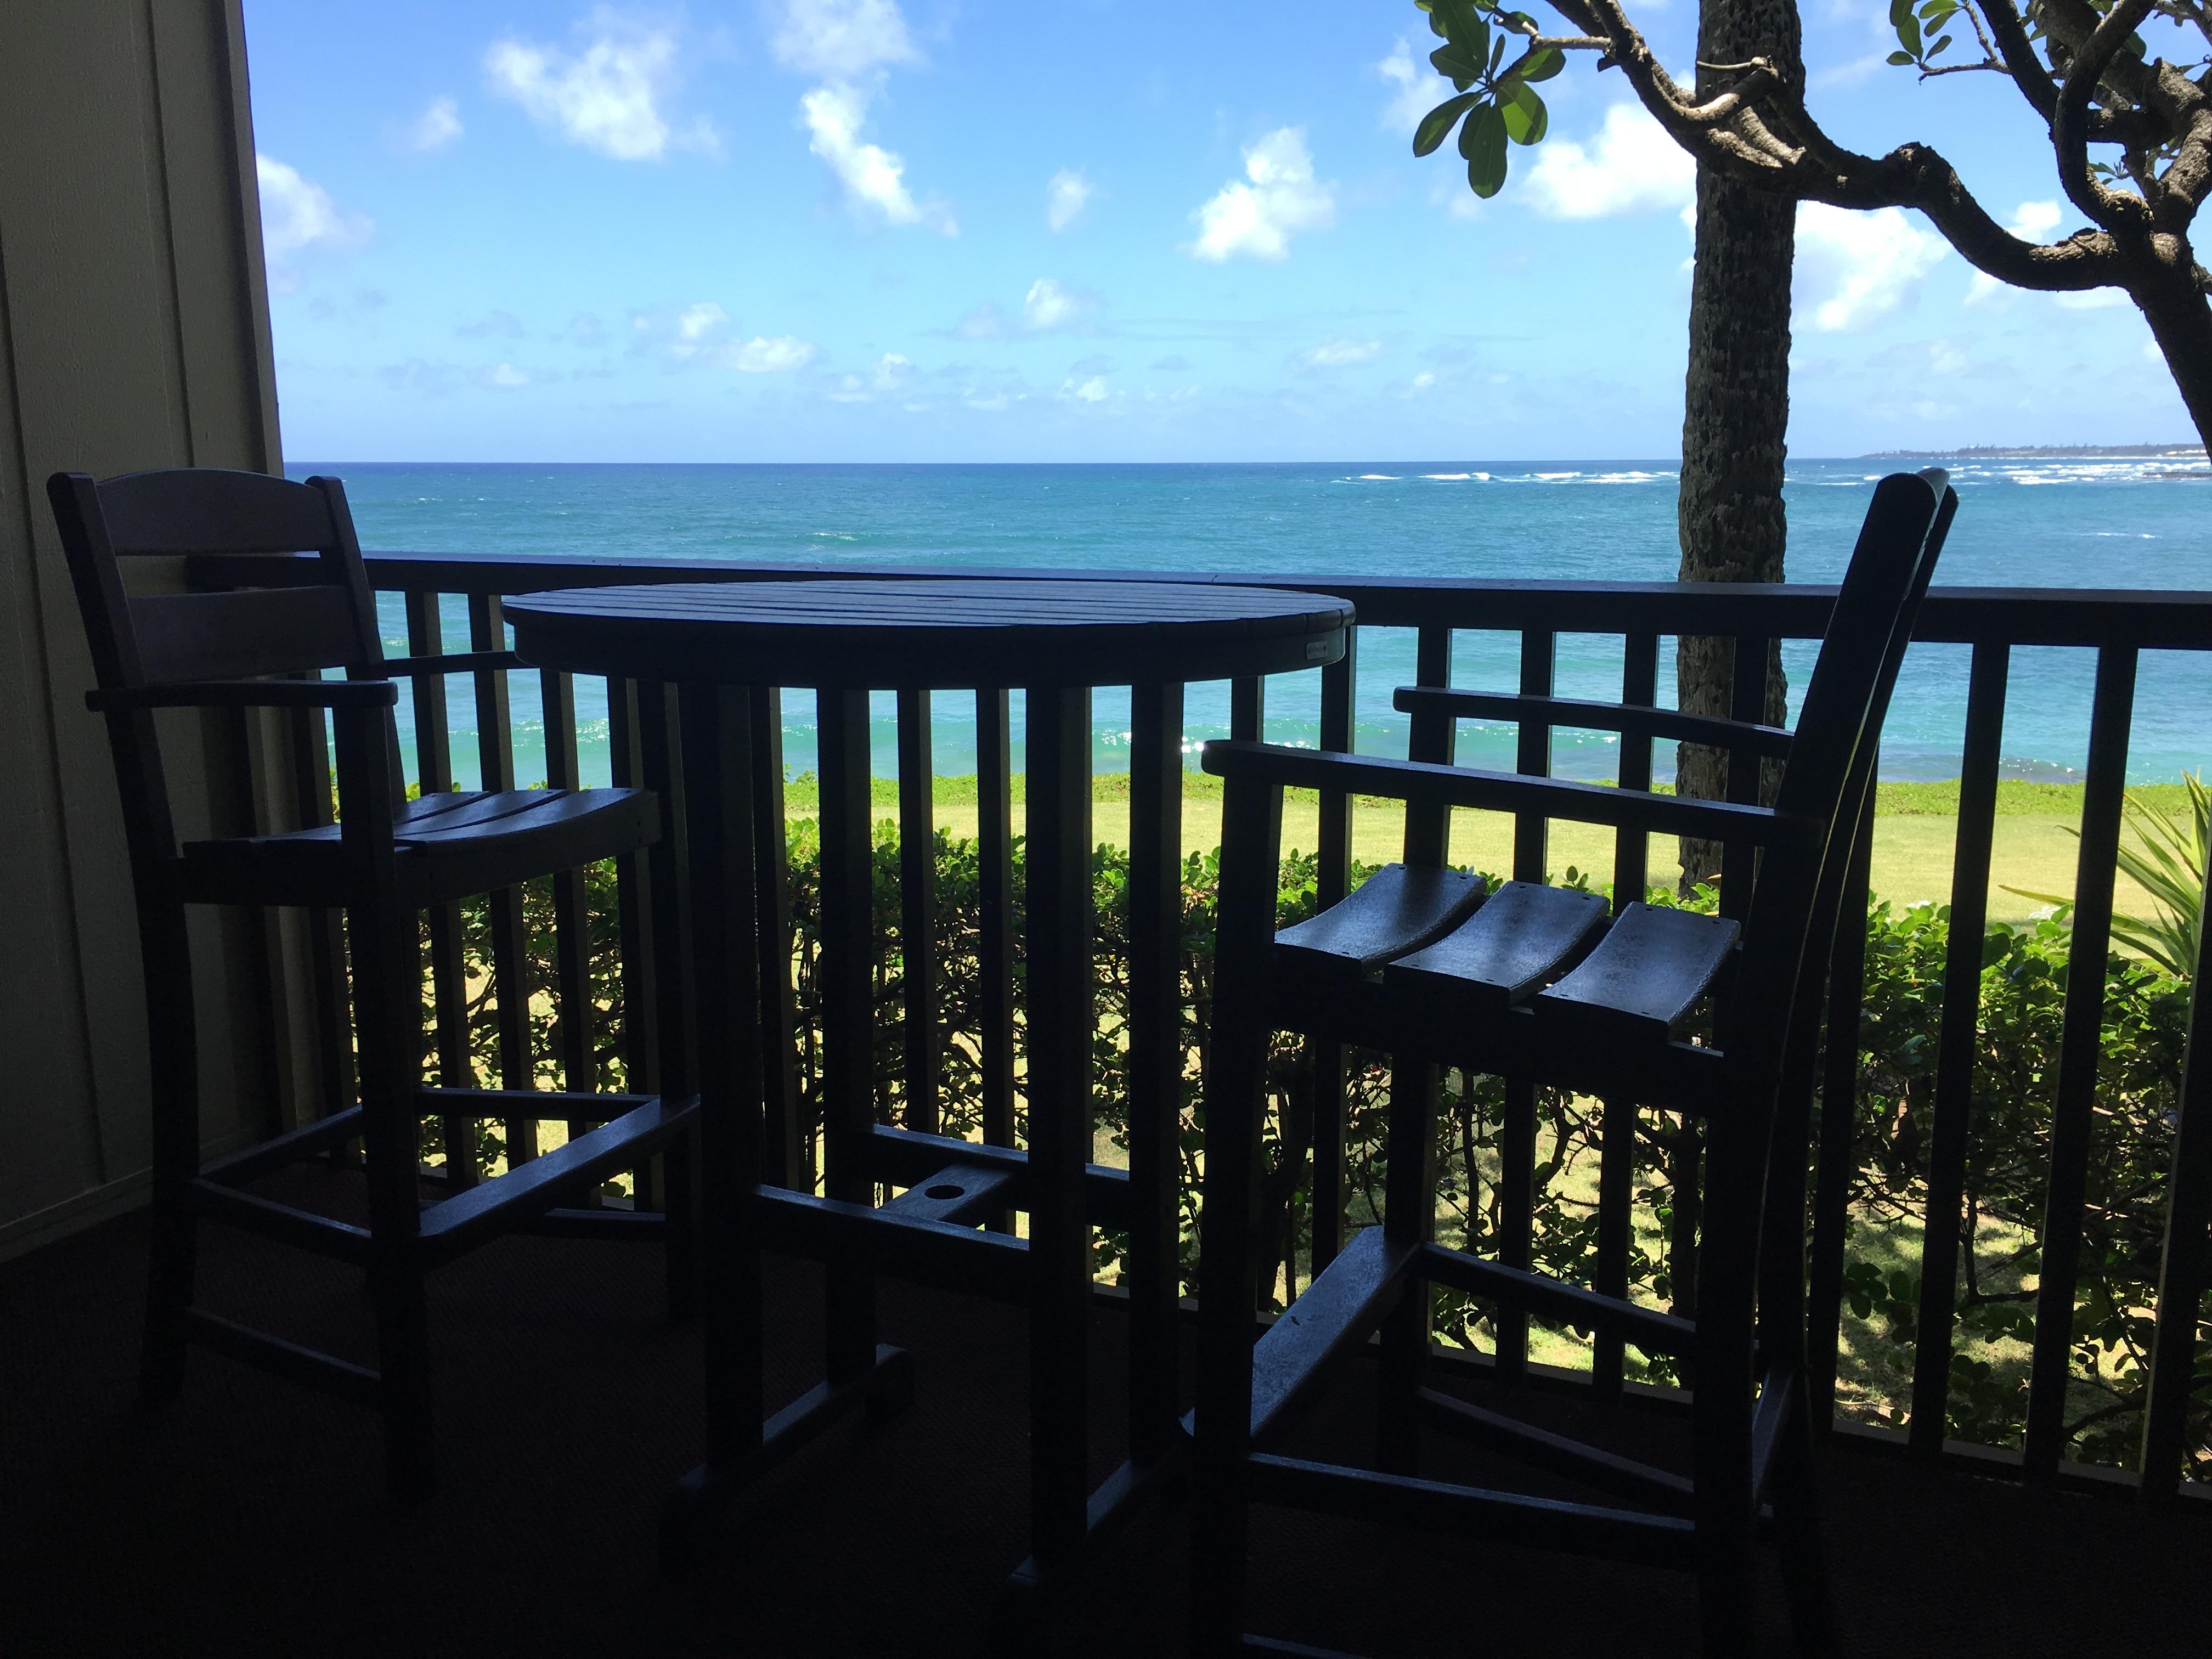 Wailua Bay View 114 ocean view